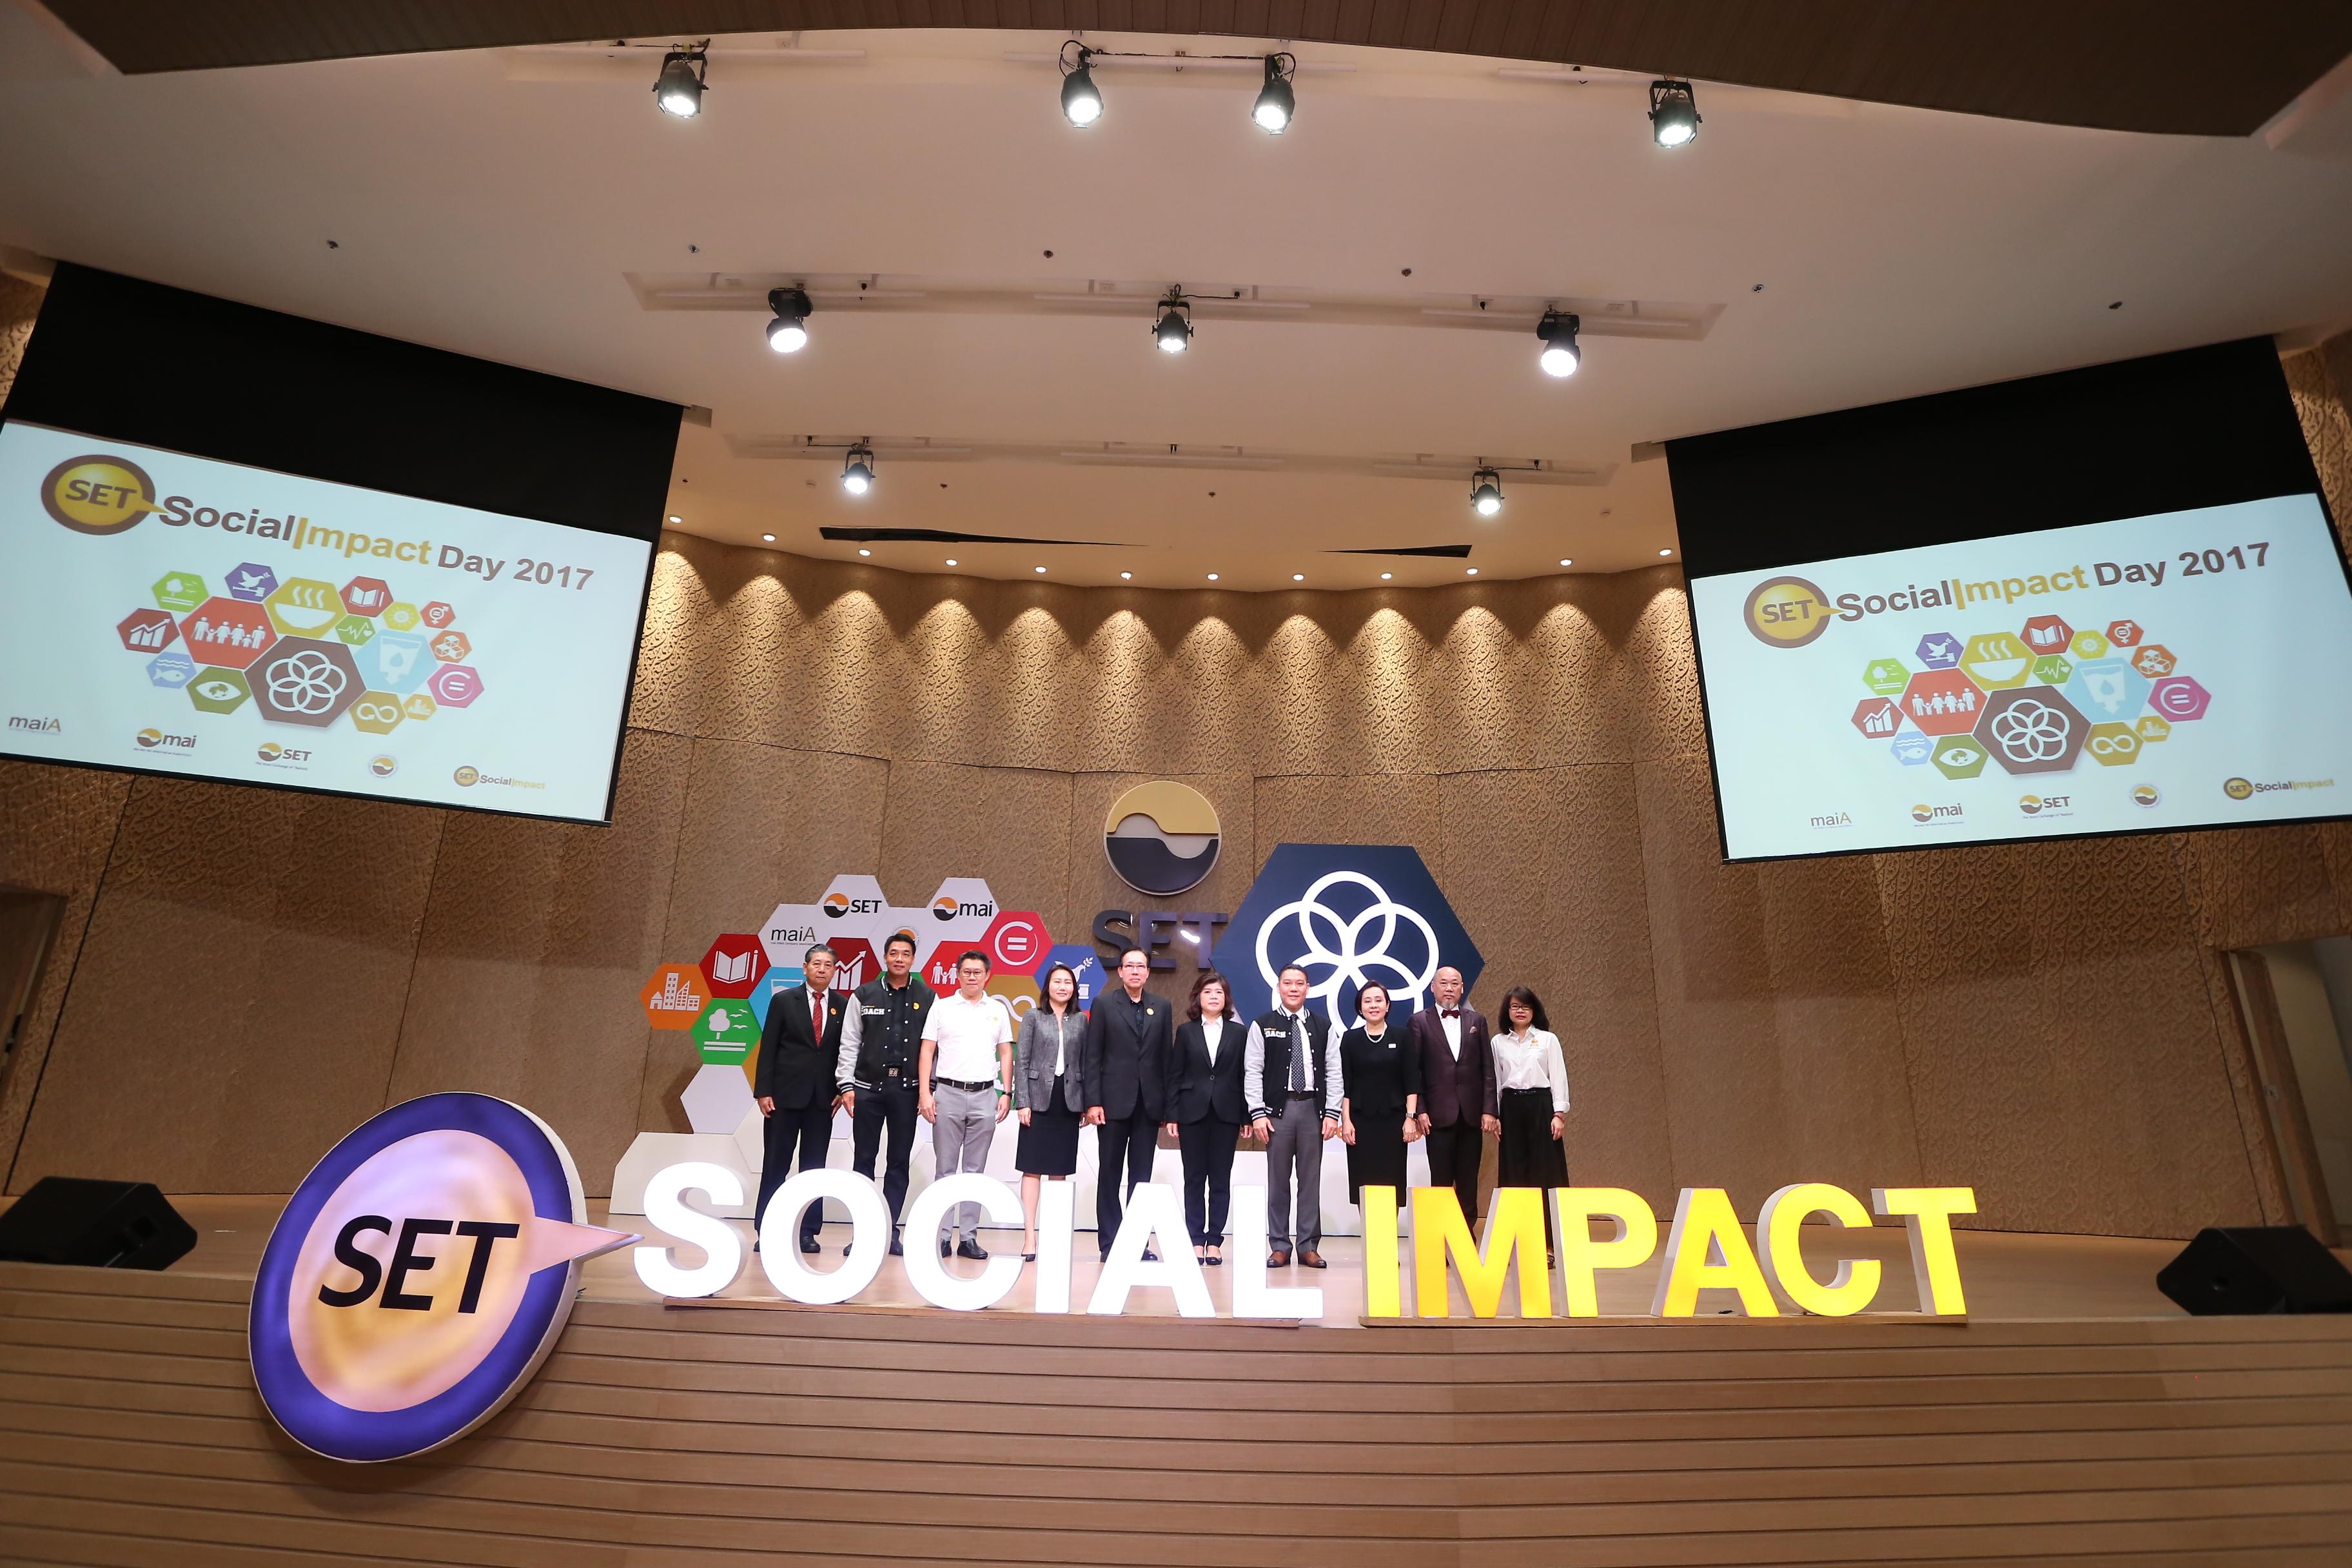 คุณเกศรา มัญชุศรี กรรมการและผู้จัดการ ตลาดหลักทรัพย์ฯ กล่าวเปิดงาน SET Social Impact Day 2017